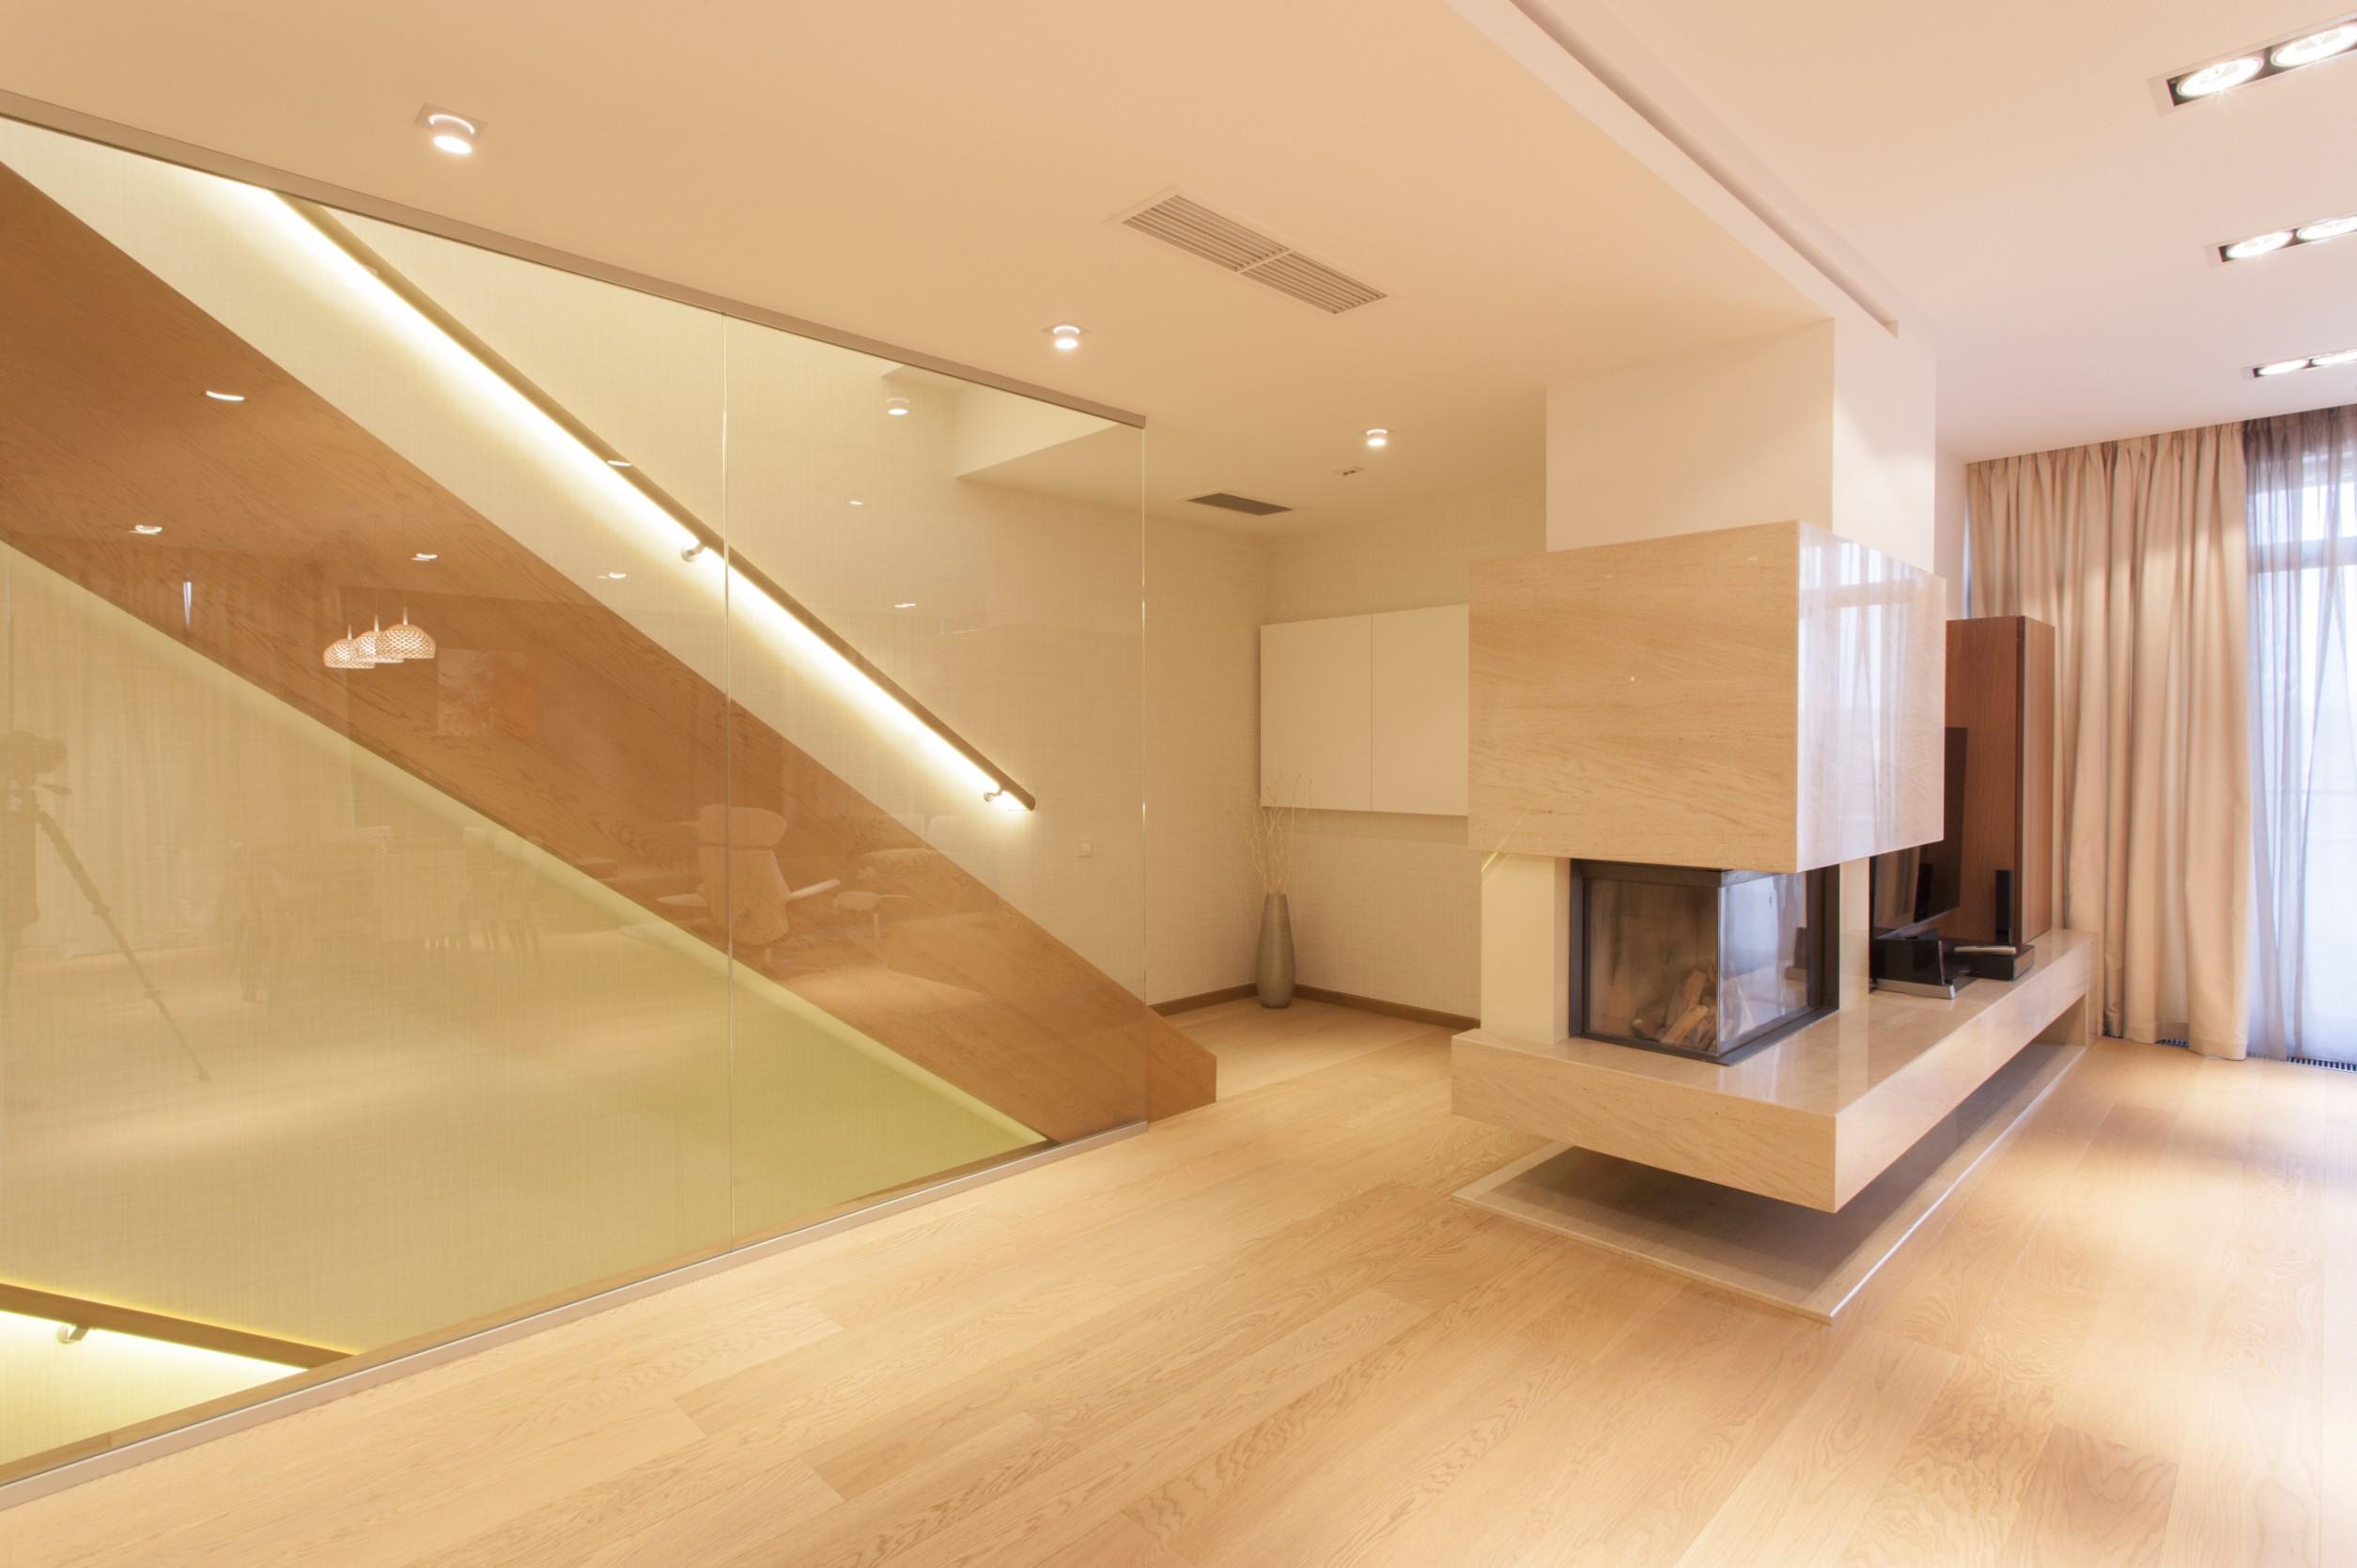 https://nbc-arhitect.ro/wp-content/uploads/2020/11/NBC-Arhitect-_-interior-design-_-Petofi-Sandor-_-Romania_23.jpg